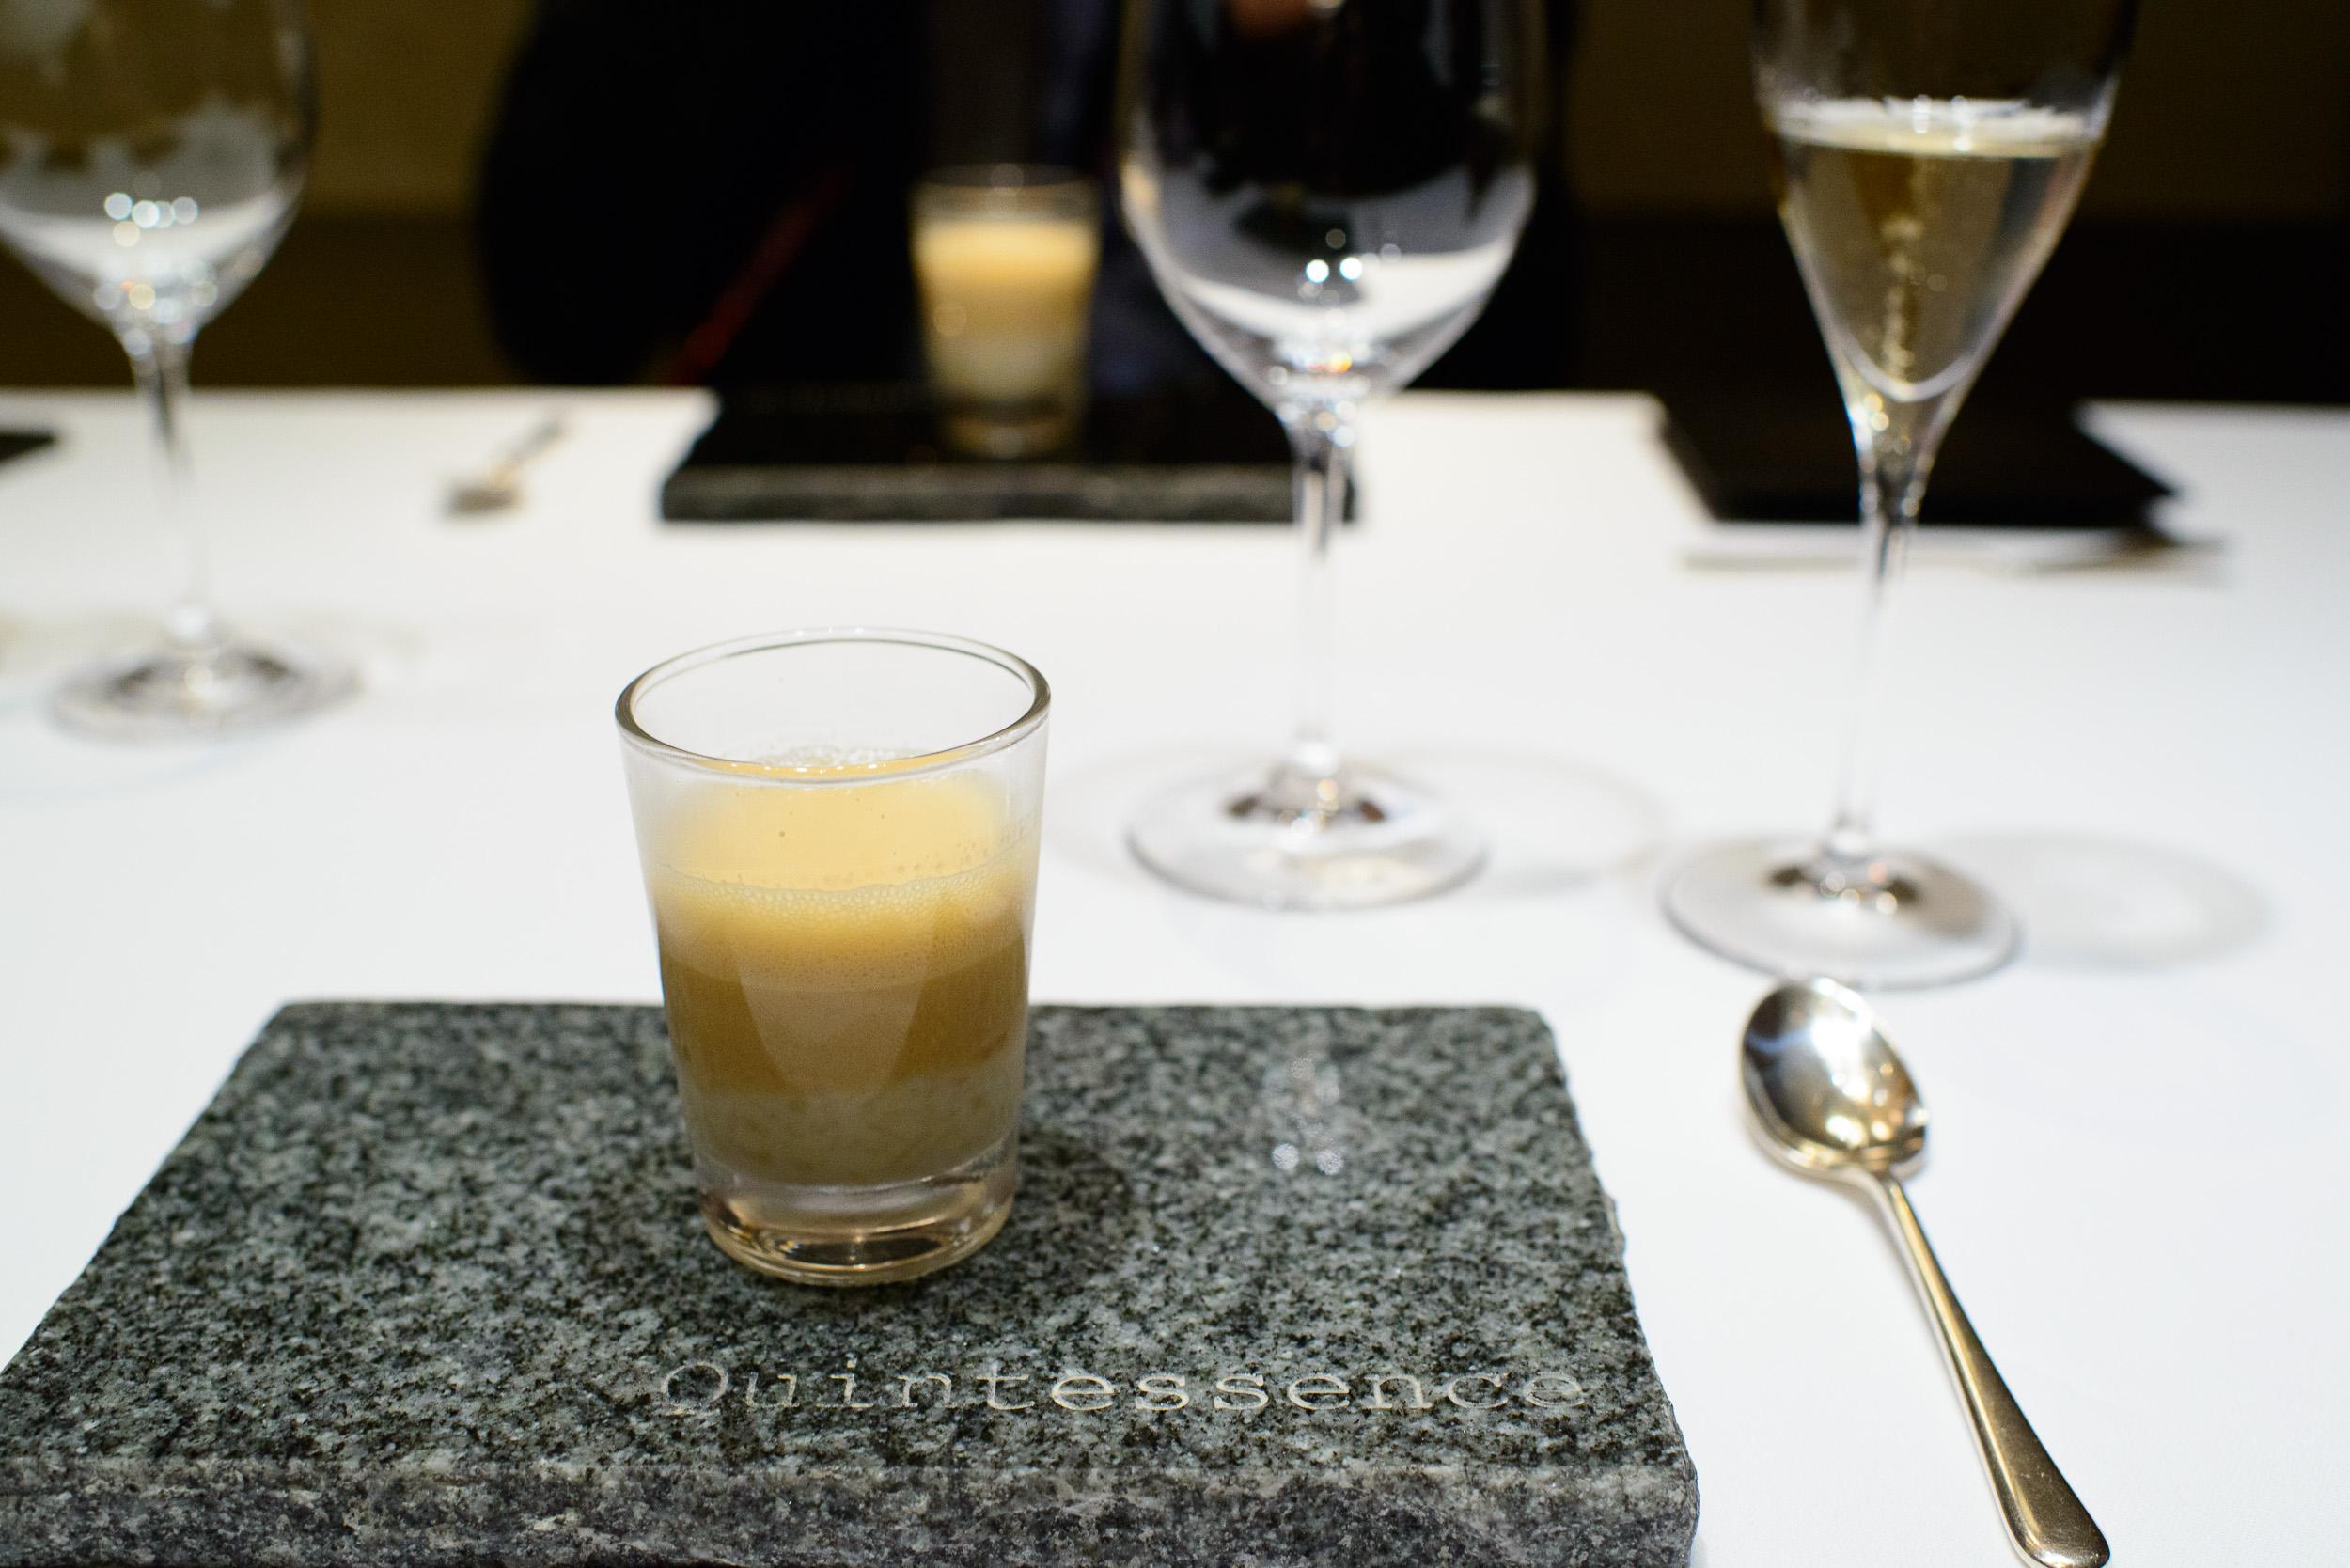 2nd Course: Soupe oignon sans gratinée froid (cold grainated on